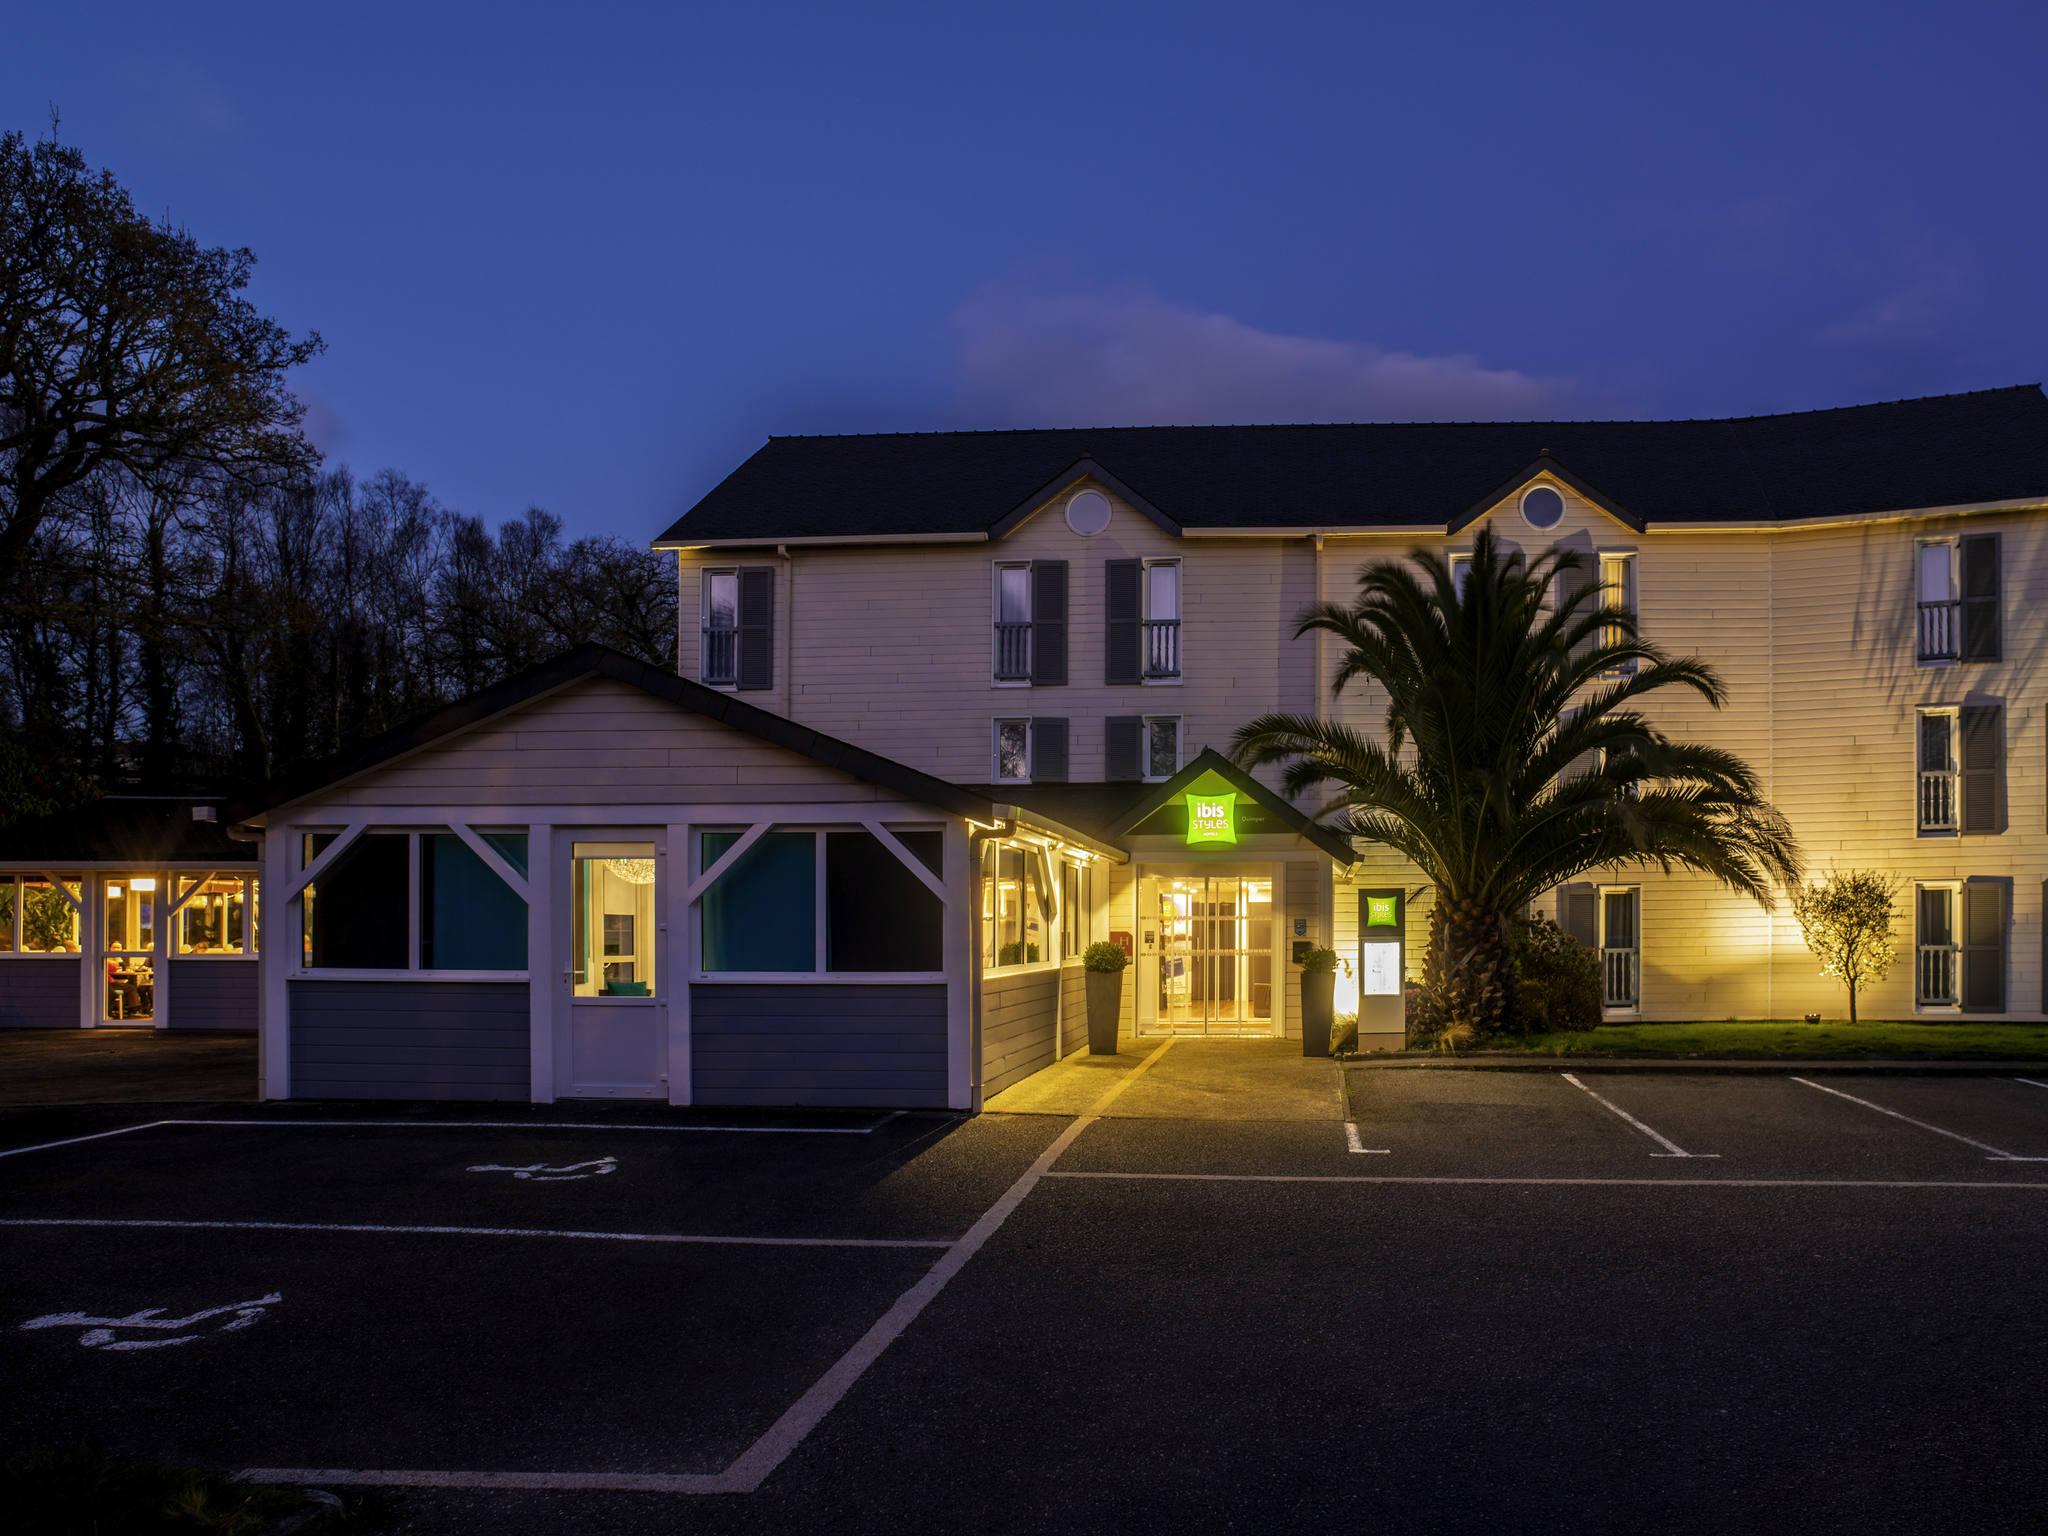 Hotel em quimper ibis styles quimper for Hotels quimper